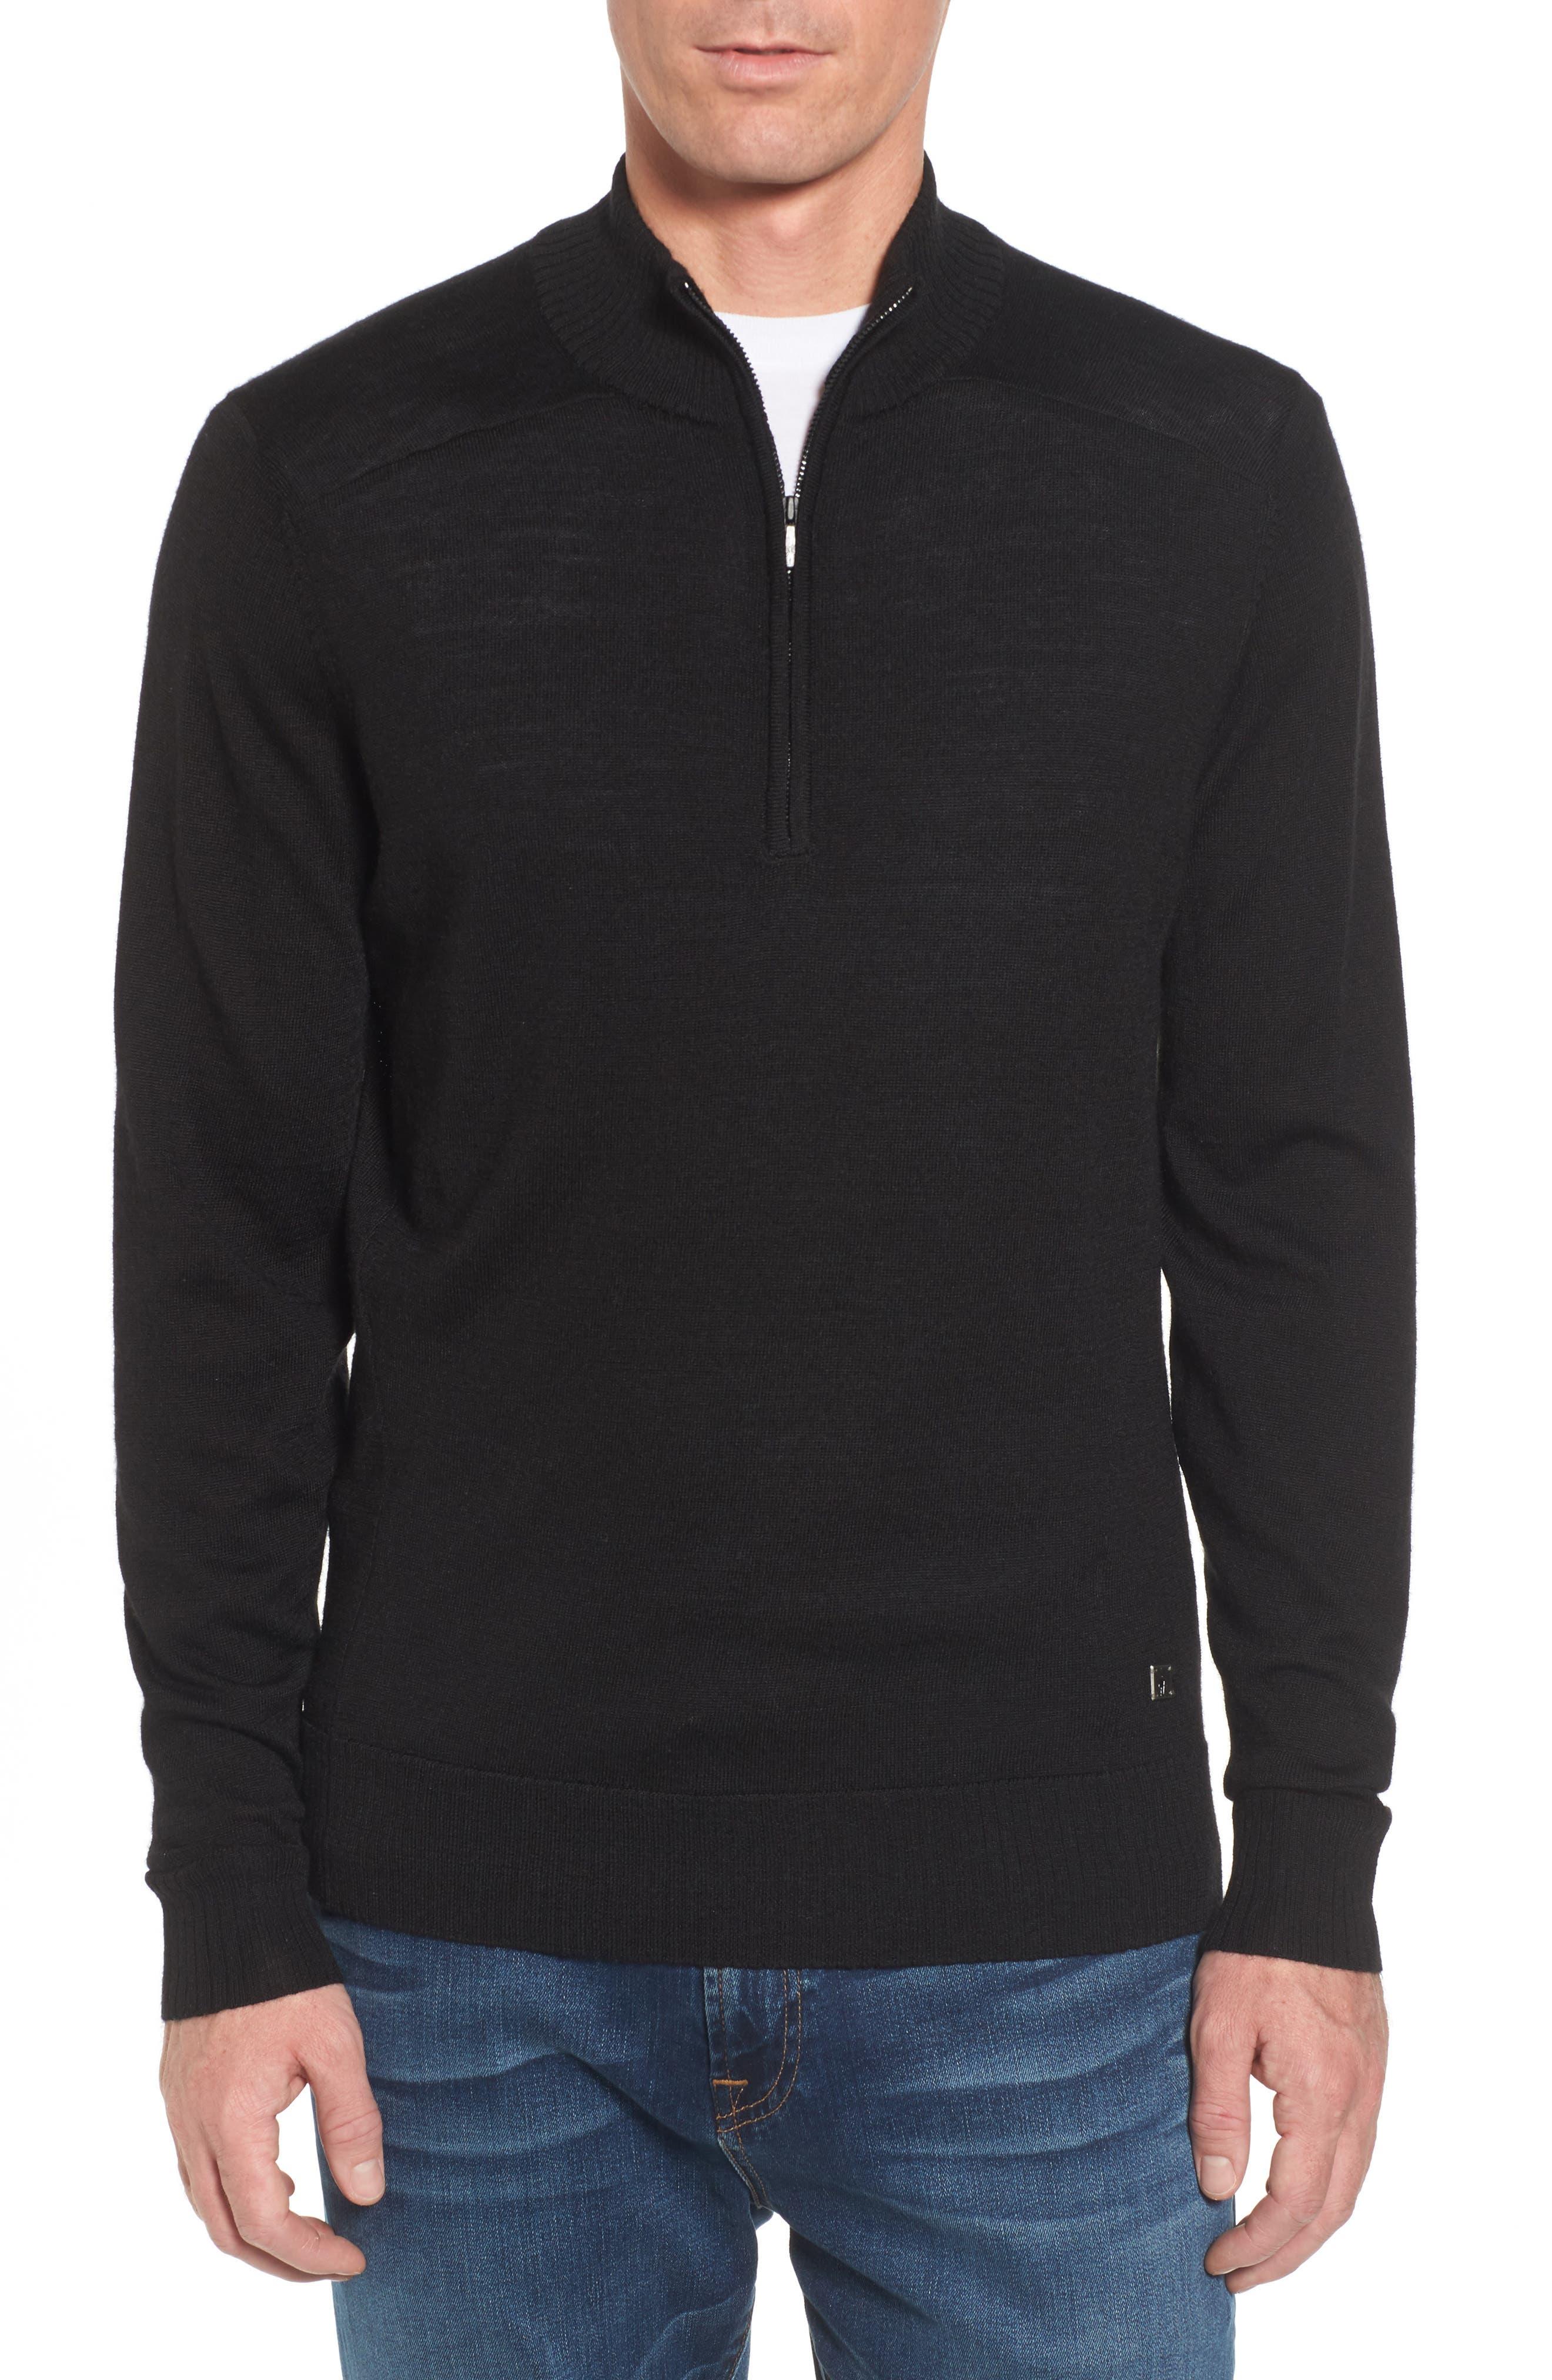 Kiva Ridge Merino Wool Blend Pullover,                             Main thumbnail 1, color,                             001